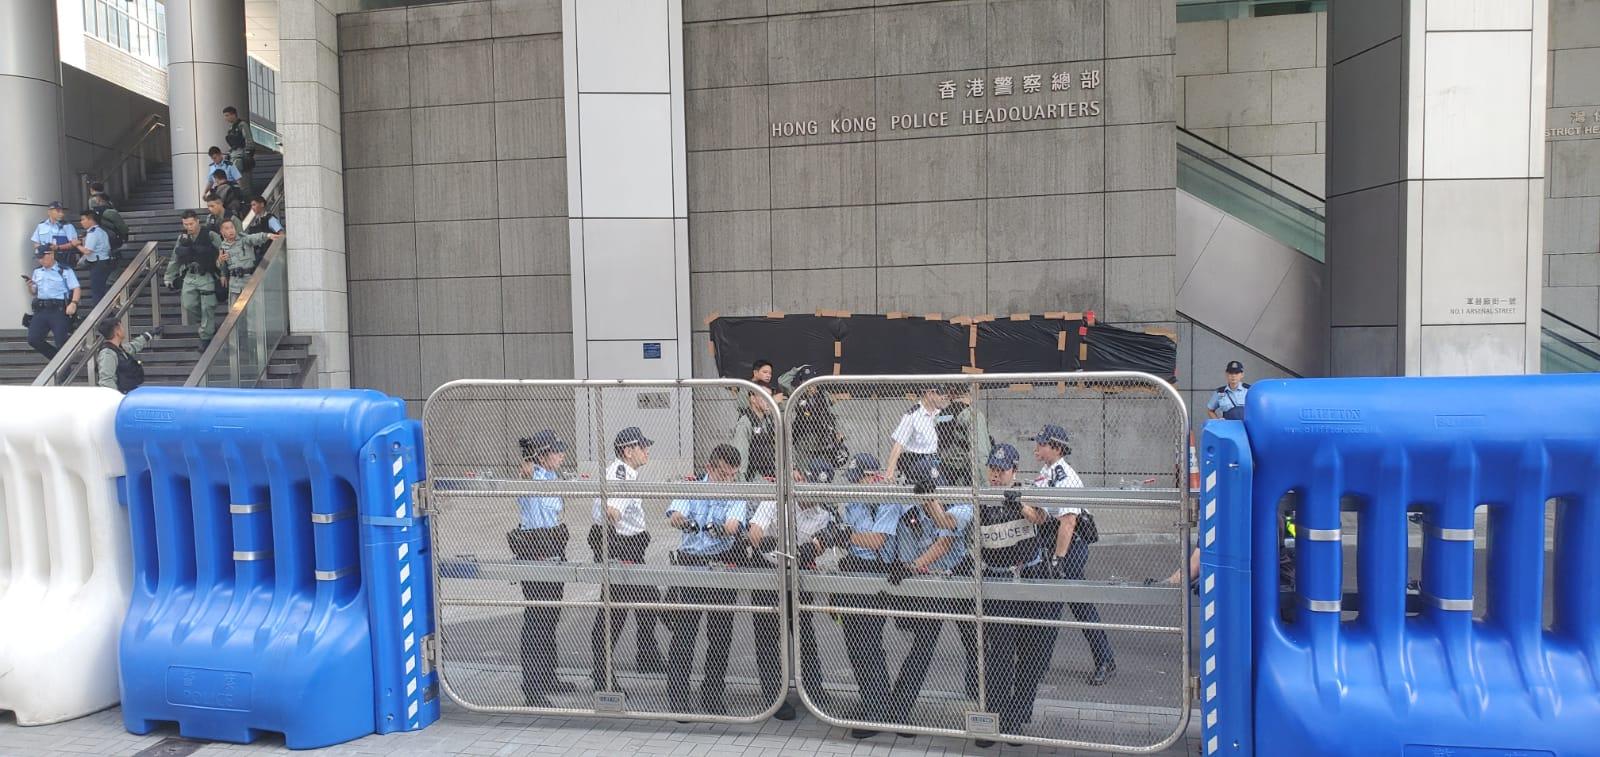 警員在警察總部外戒備